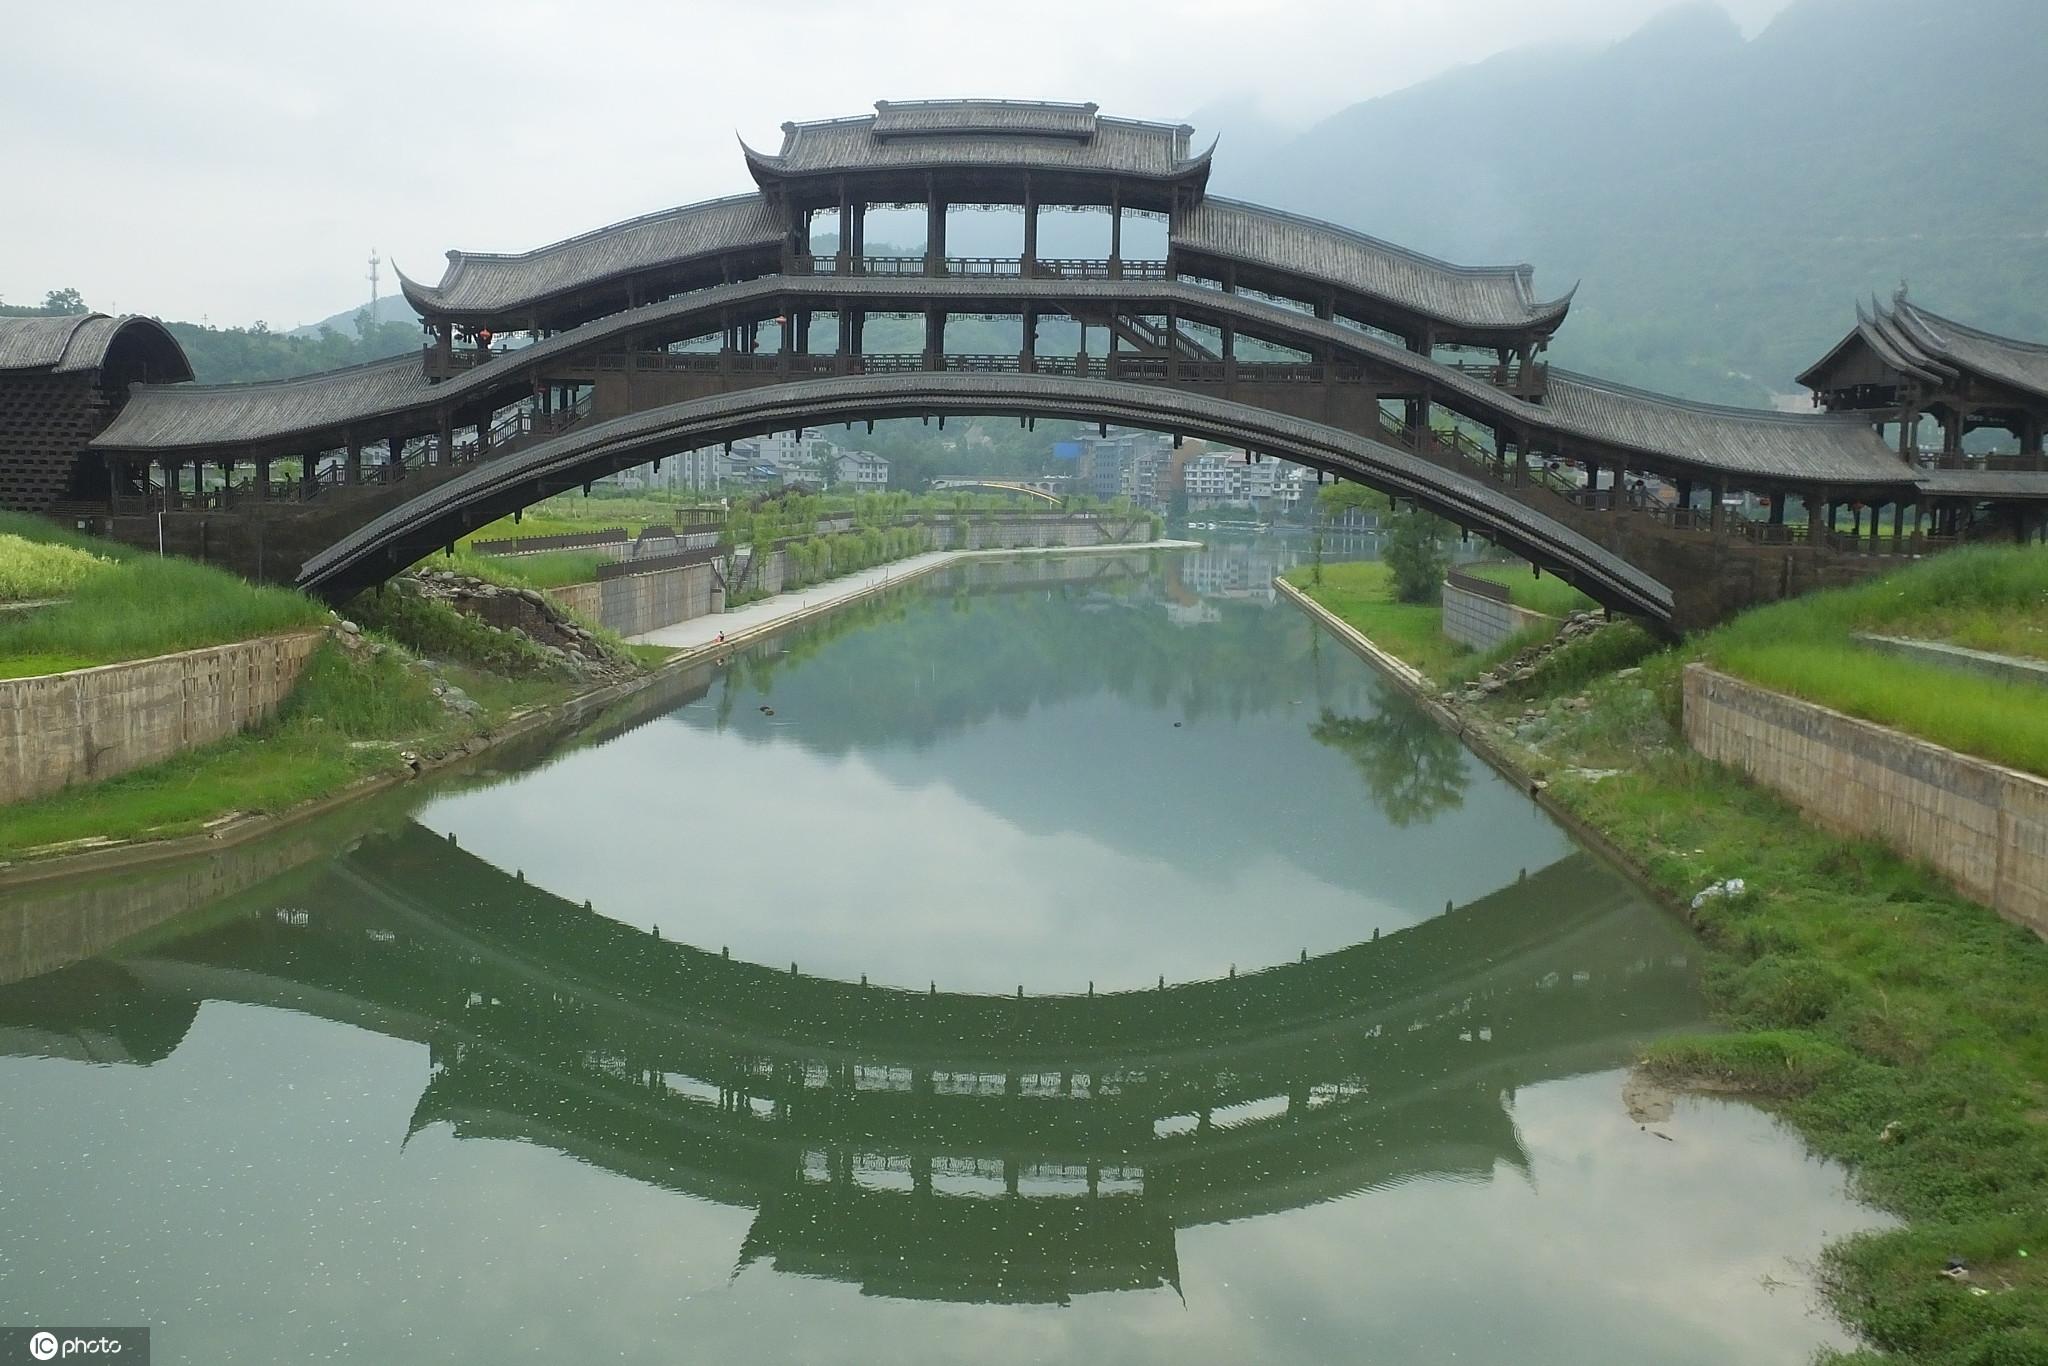 2021五一热门旅游景点云游全国新5A | 重庆市黔江区濯水景区